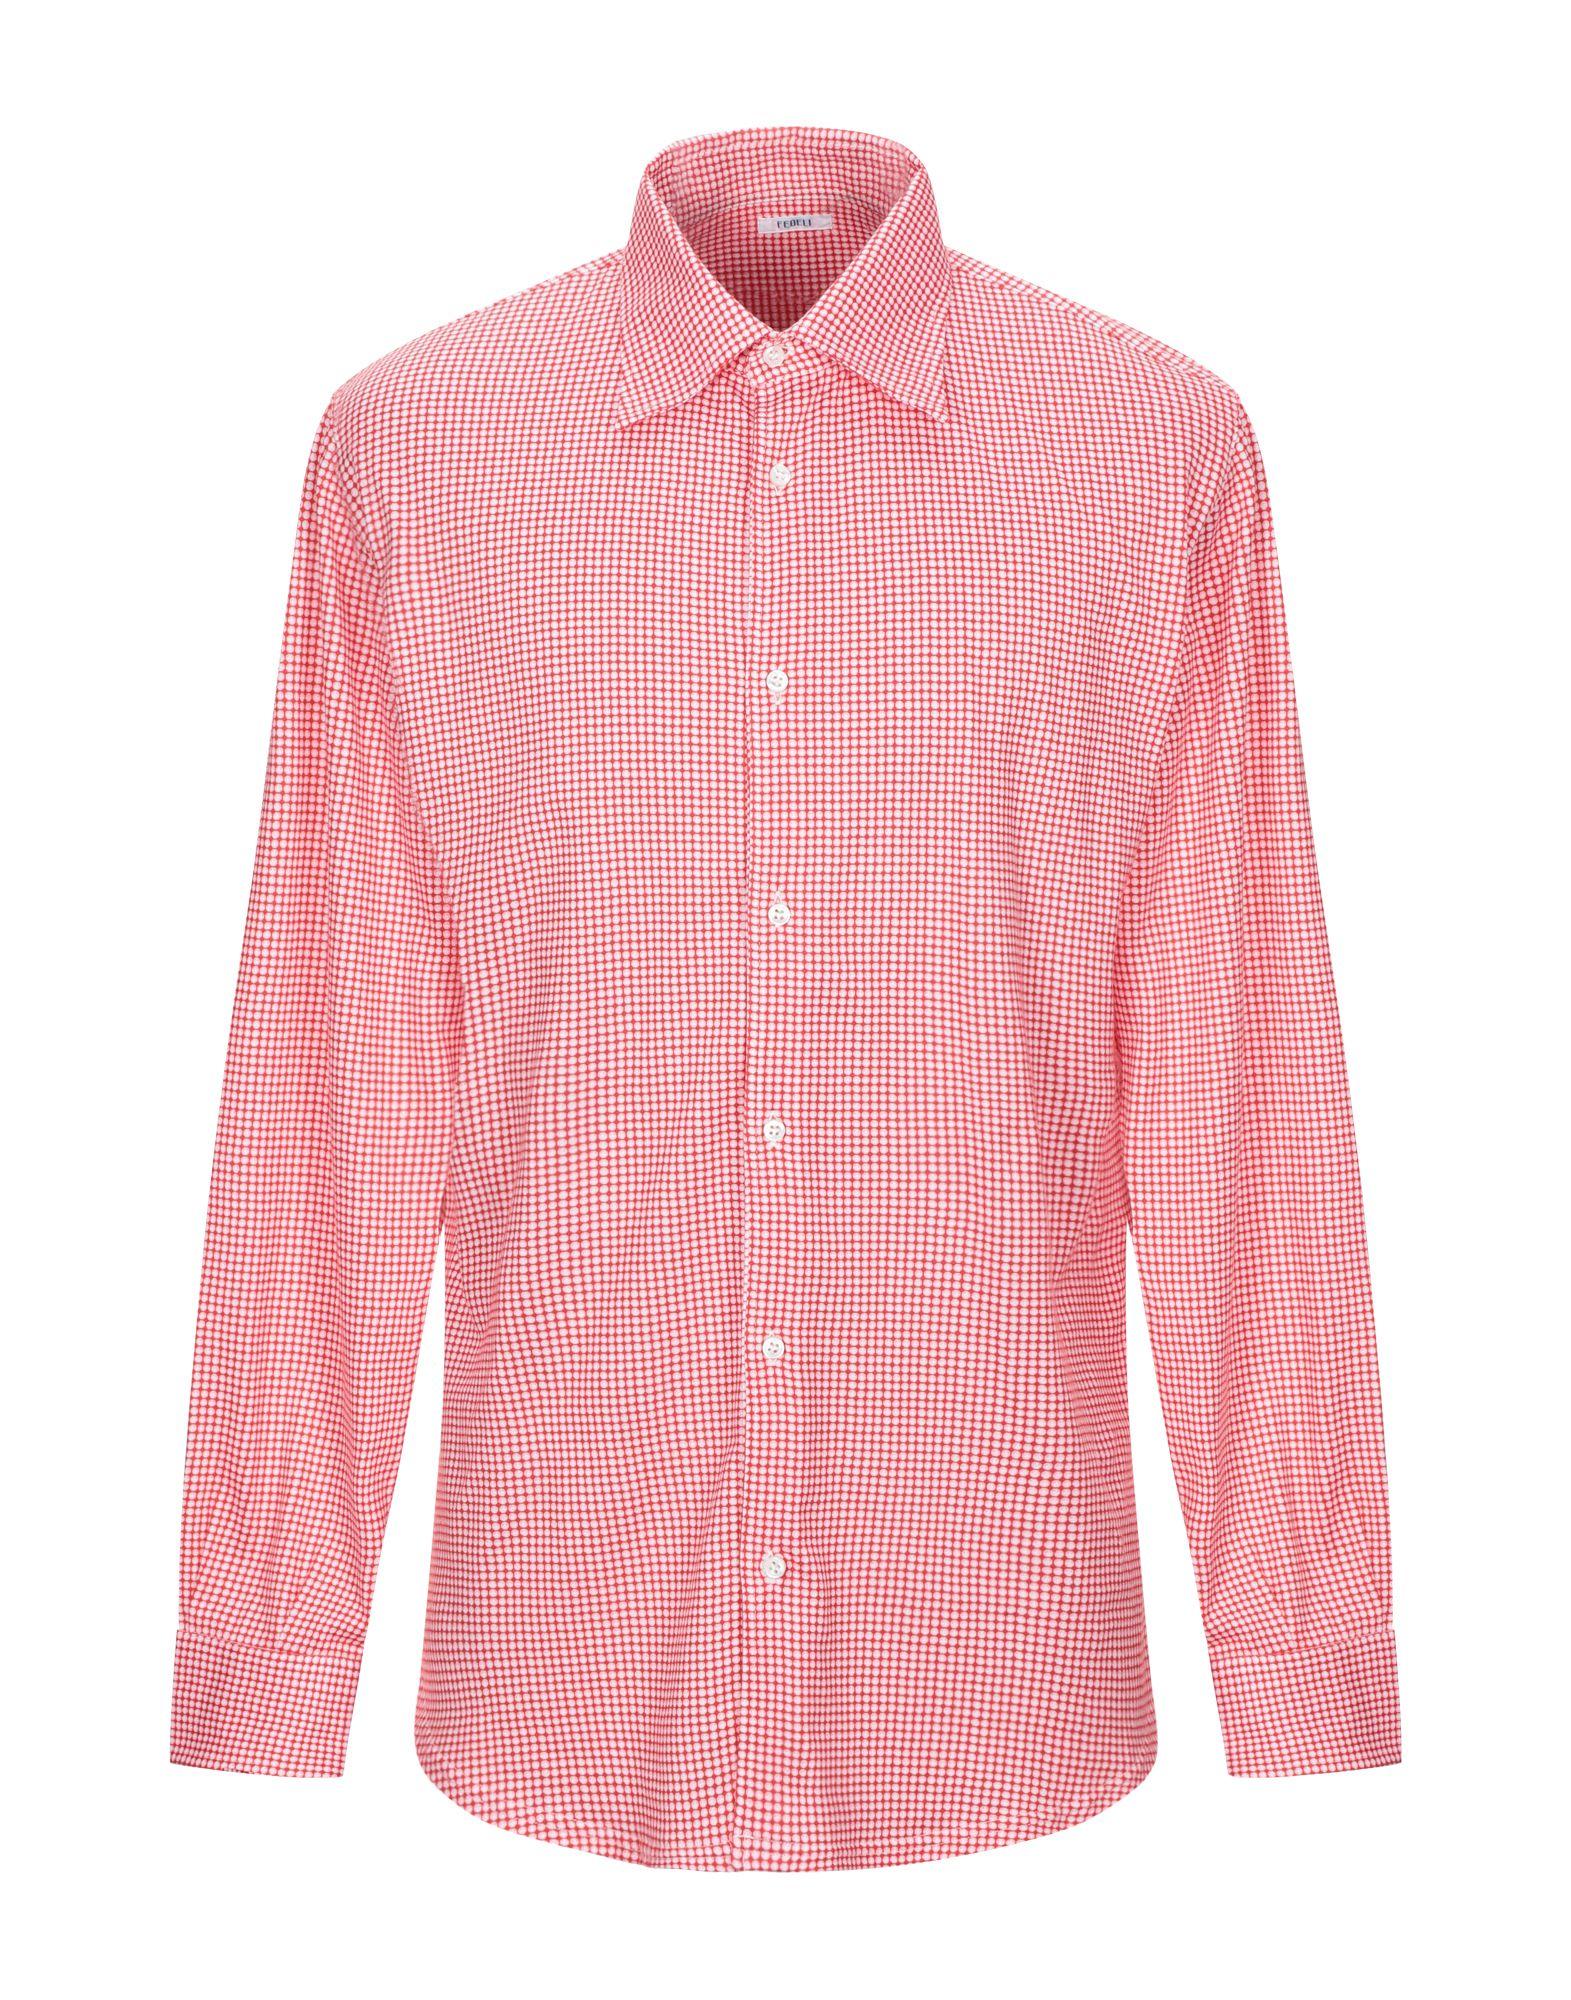 《期間限定セール中》FEDELI メンズ シャツ レッド 50 コットン 100%